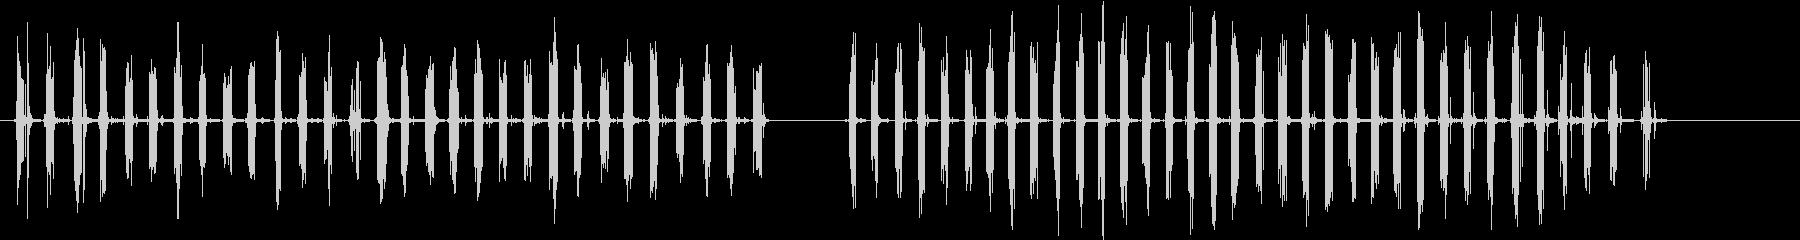 ハンドラチェット_ナットを緩める、...の未再生の波形